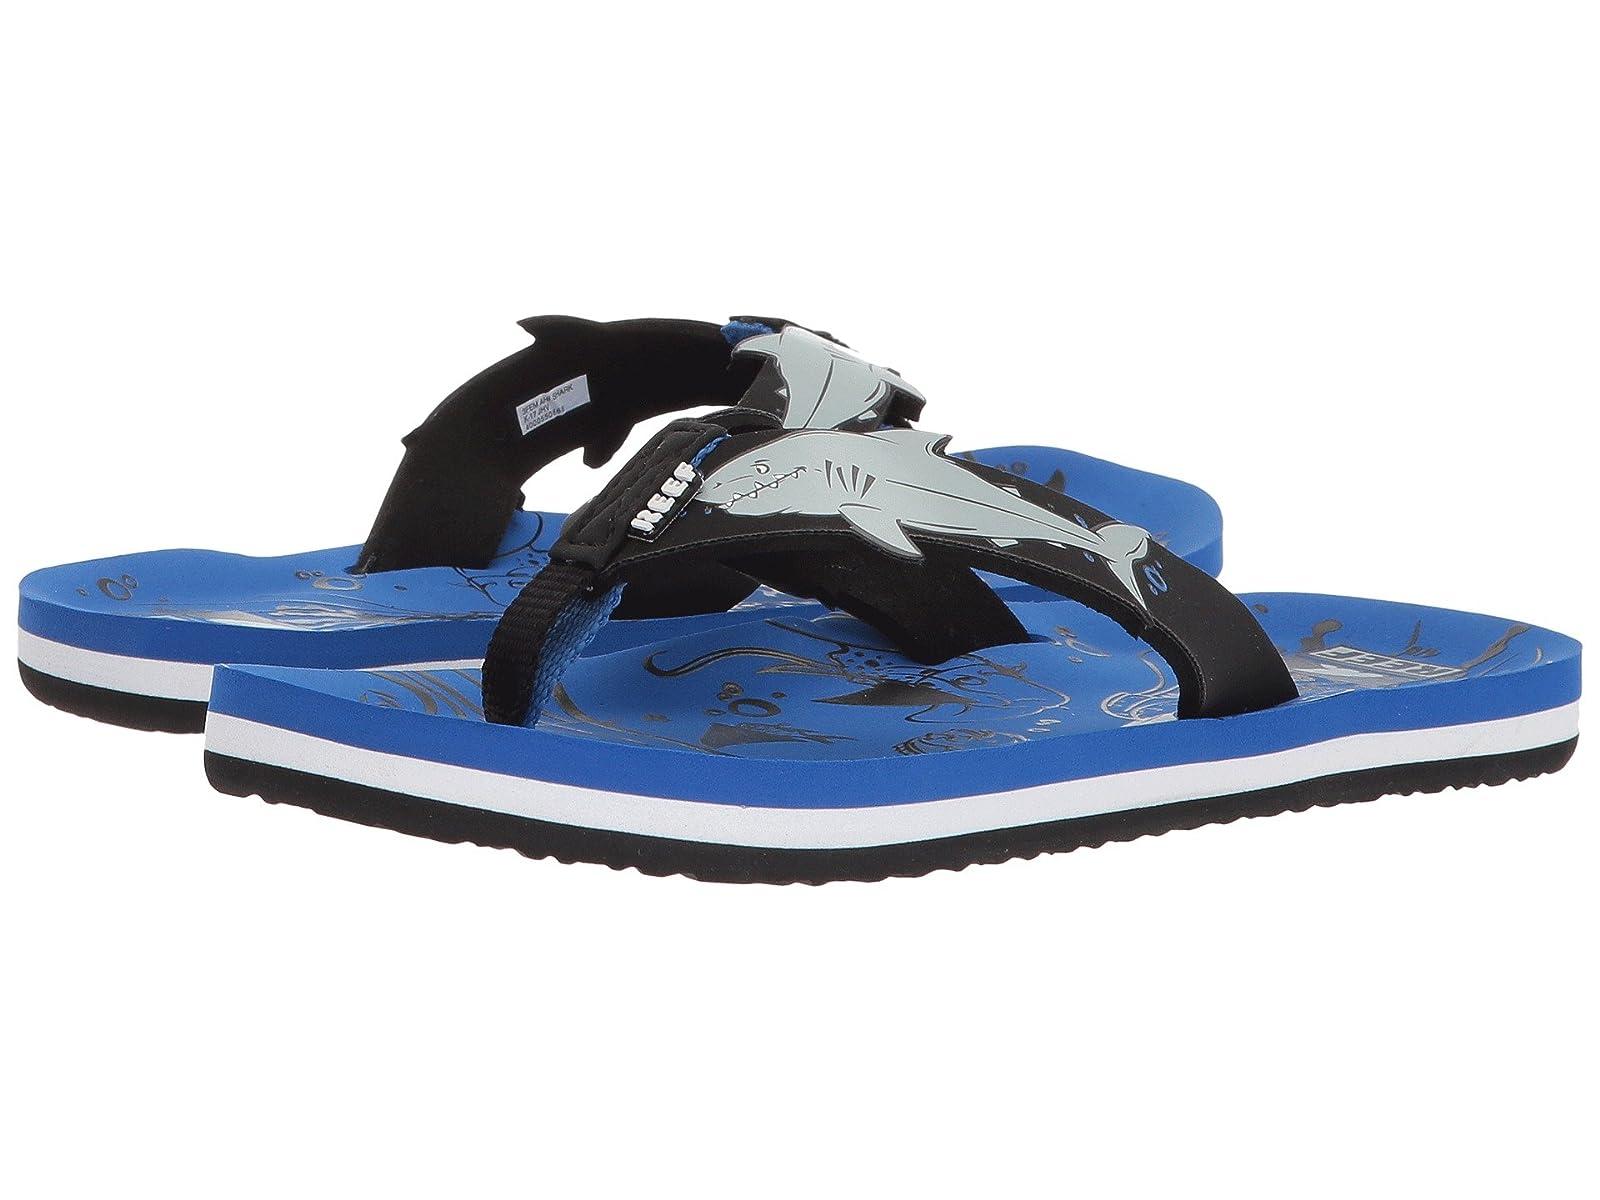 Reef Kids Ahi Shark (Infant/Toddler/Little Kid/Big Kid)Atmospheric grades have affordable shoes